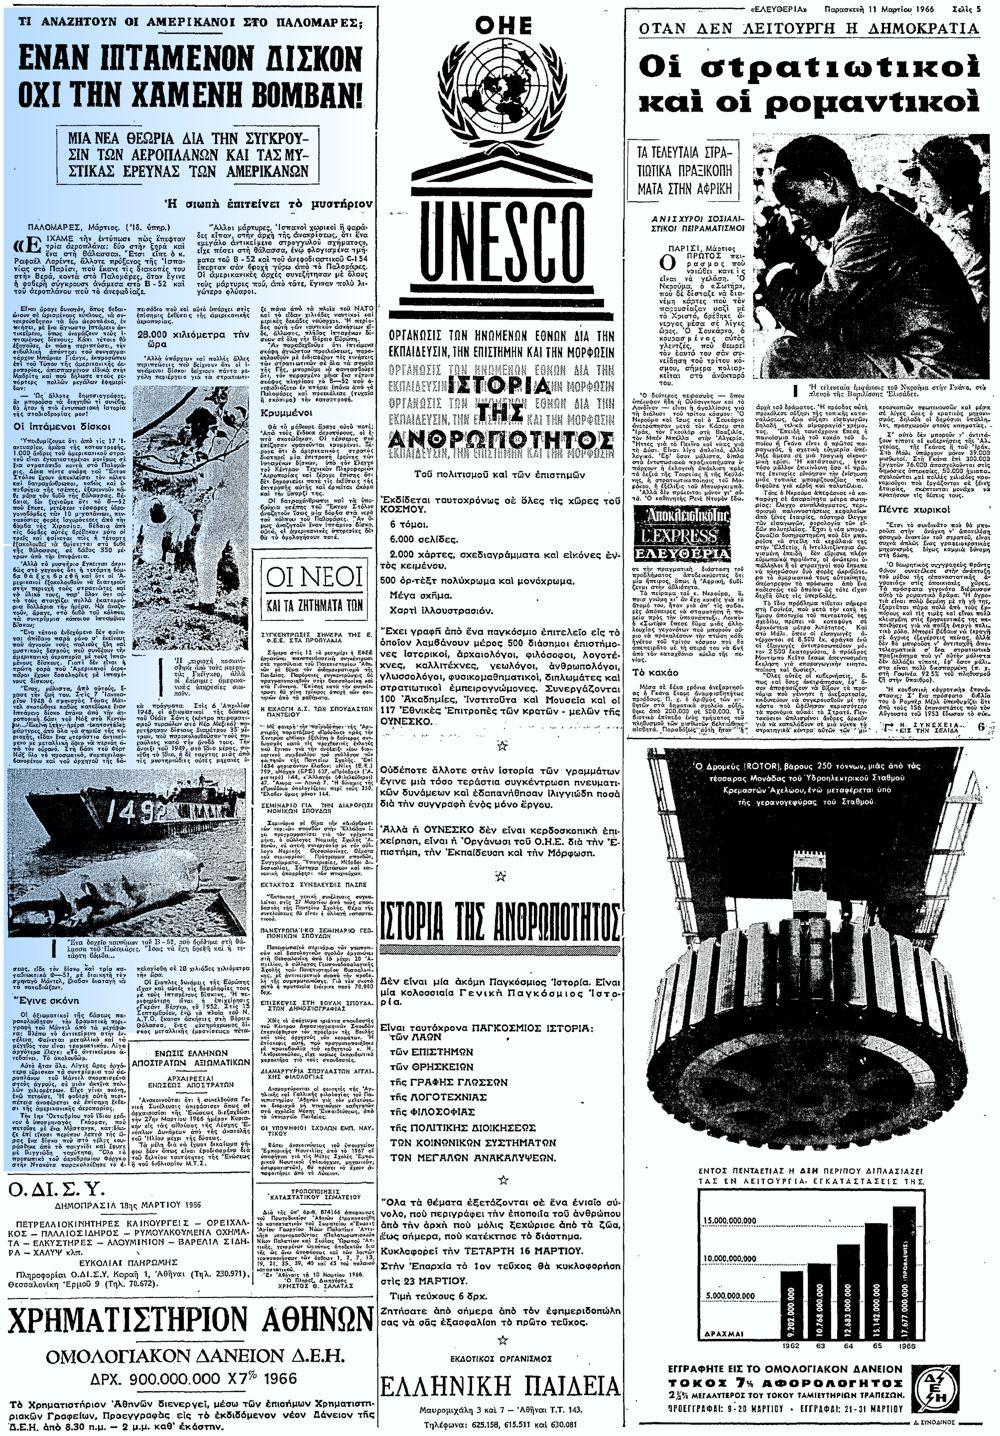 """Το άρθρο, όπως δημοσιεύθηκε στην εφημερίδα """"ΕΛΕΥΘΕΡΙΑ"""", στις 11/03/1966"""